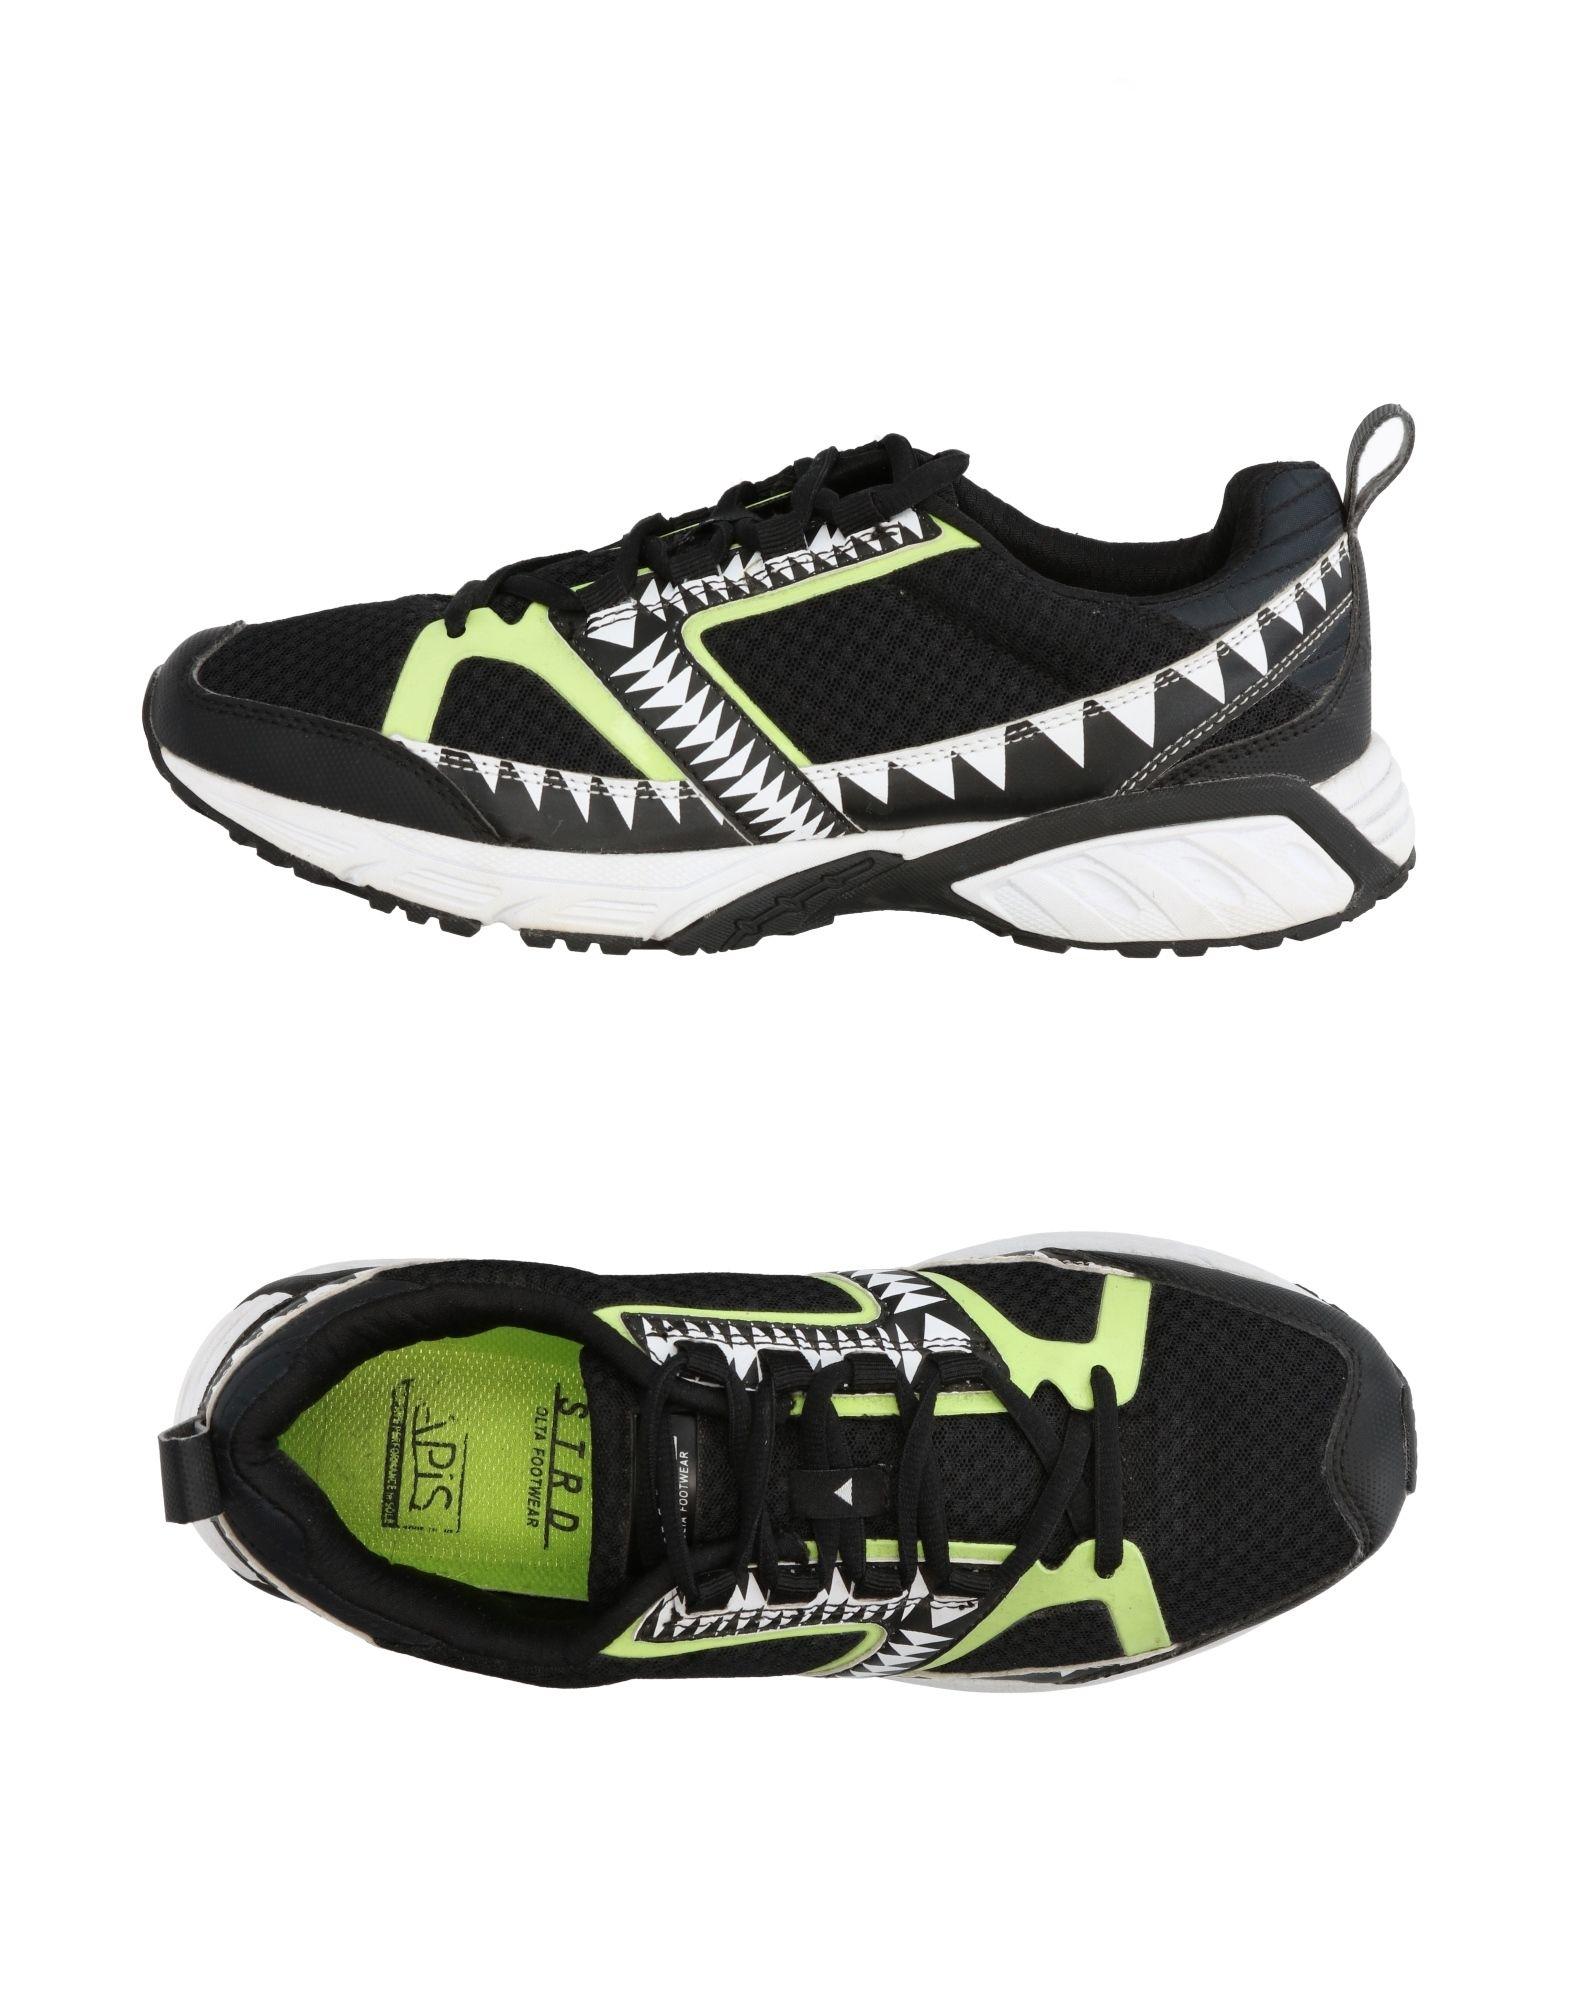 Zapatillas Strd By Volta Footwear Hombre - Zapatillas Strd By Volta Volta By Footwear  Negro 5118fb